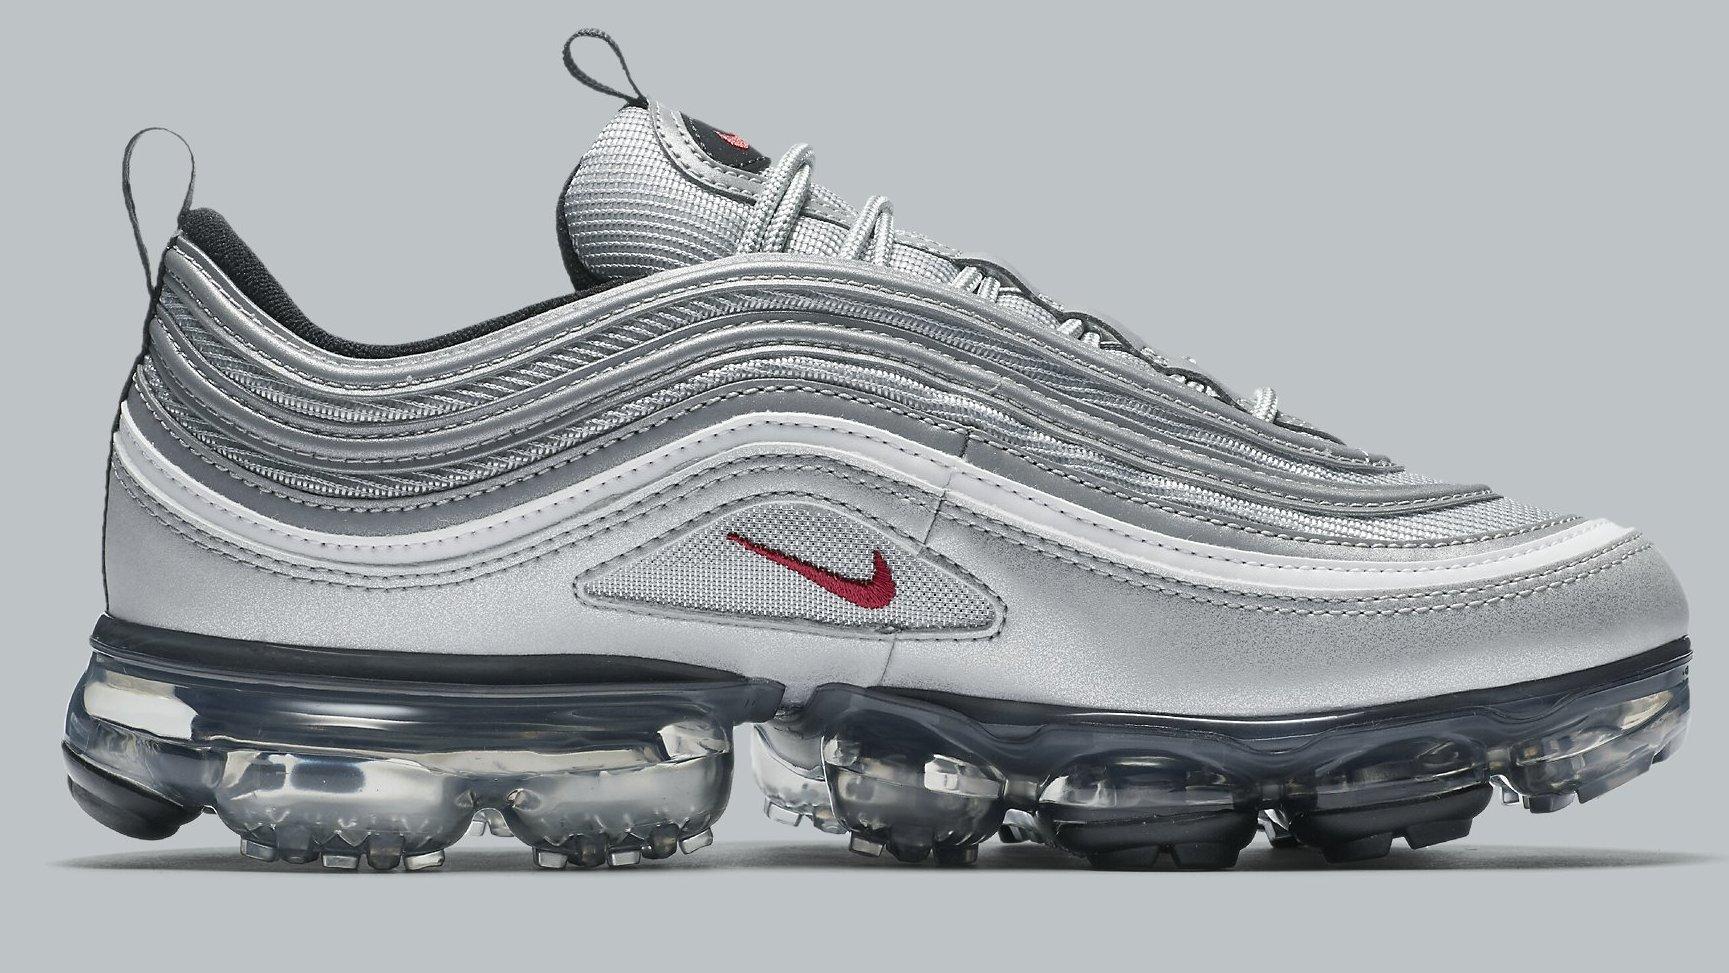 Nike Air Vapormax '97 - Metallic Silver/Varsity Red